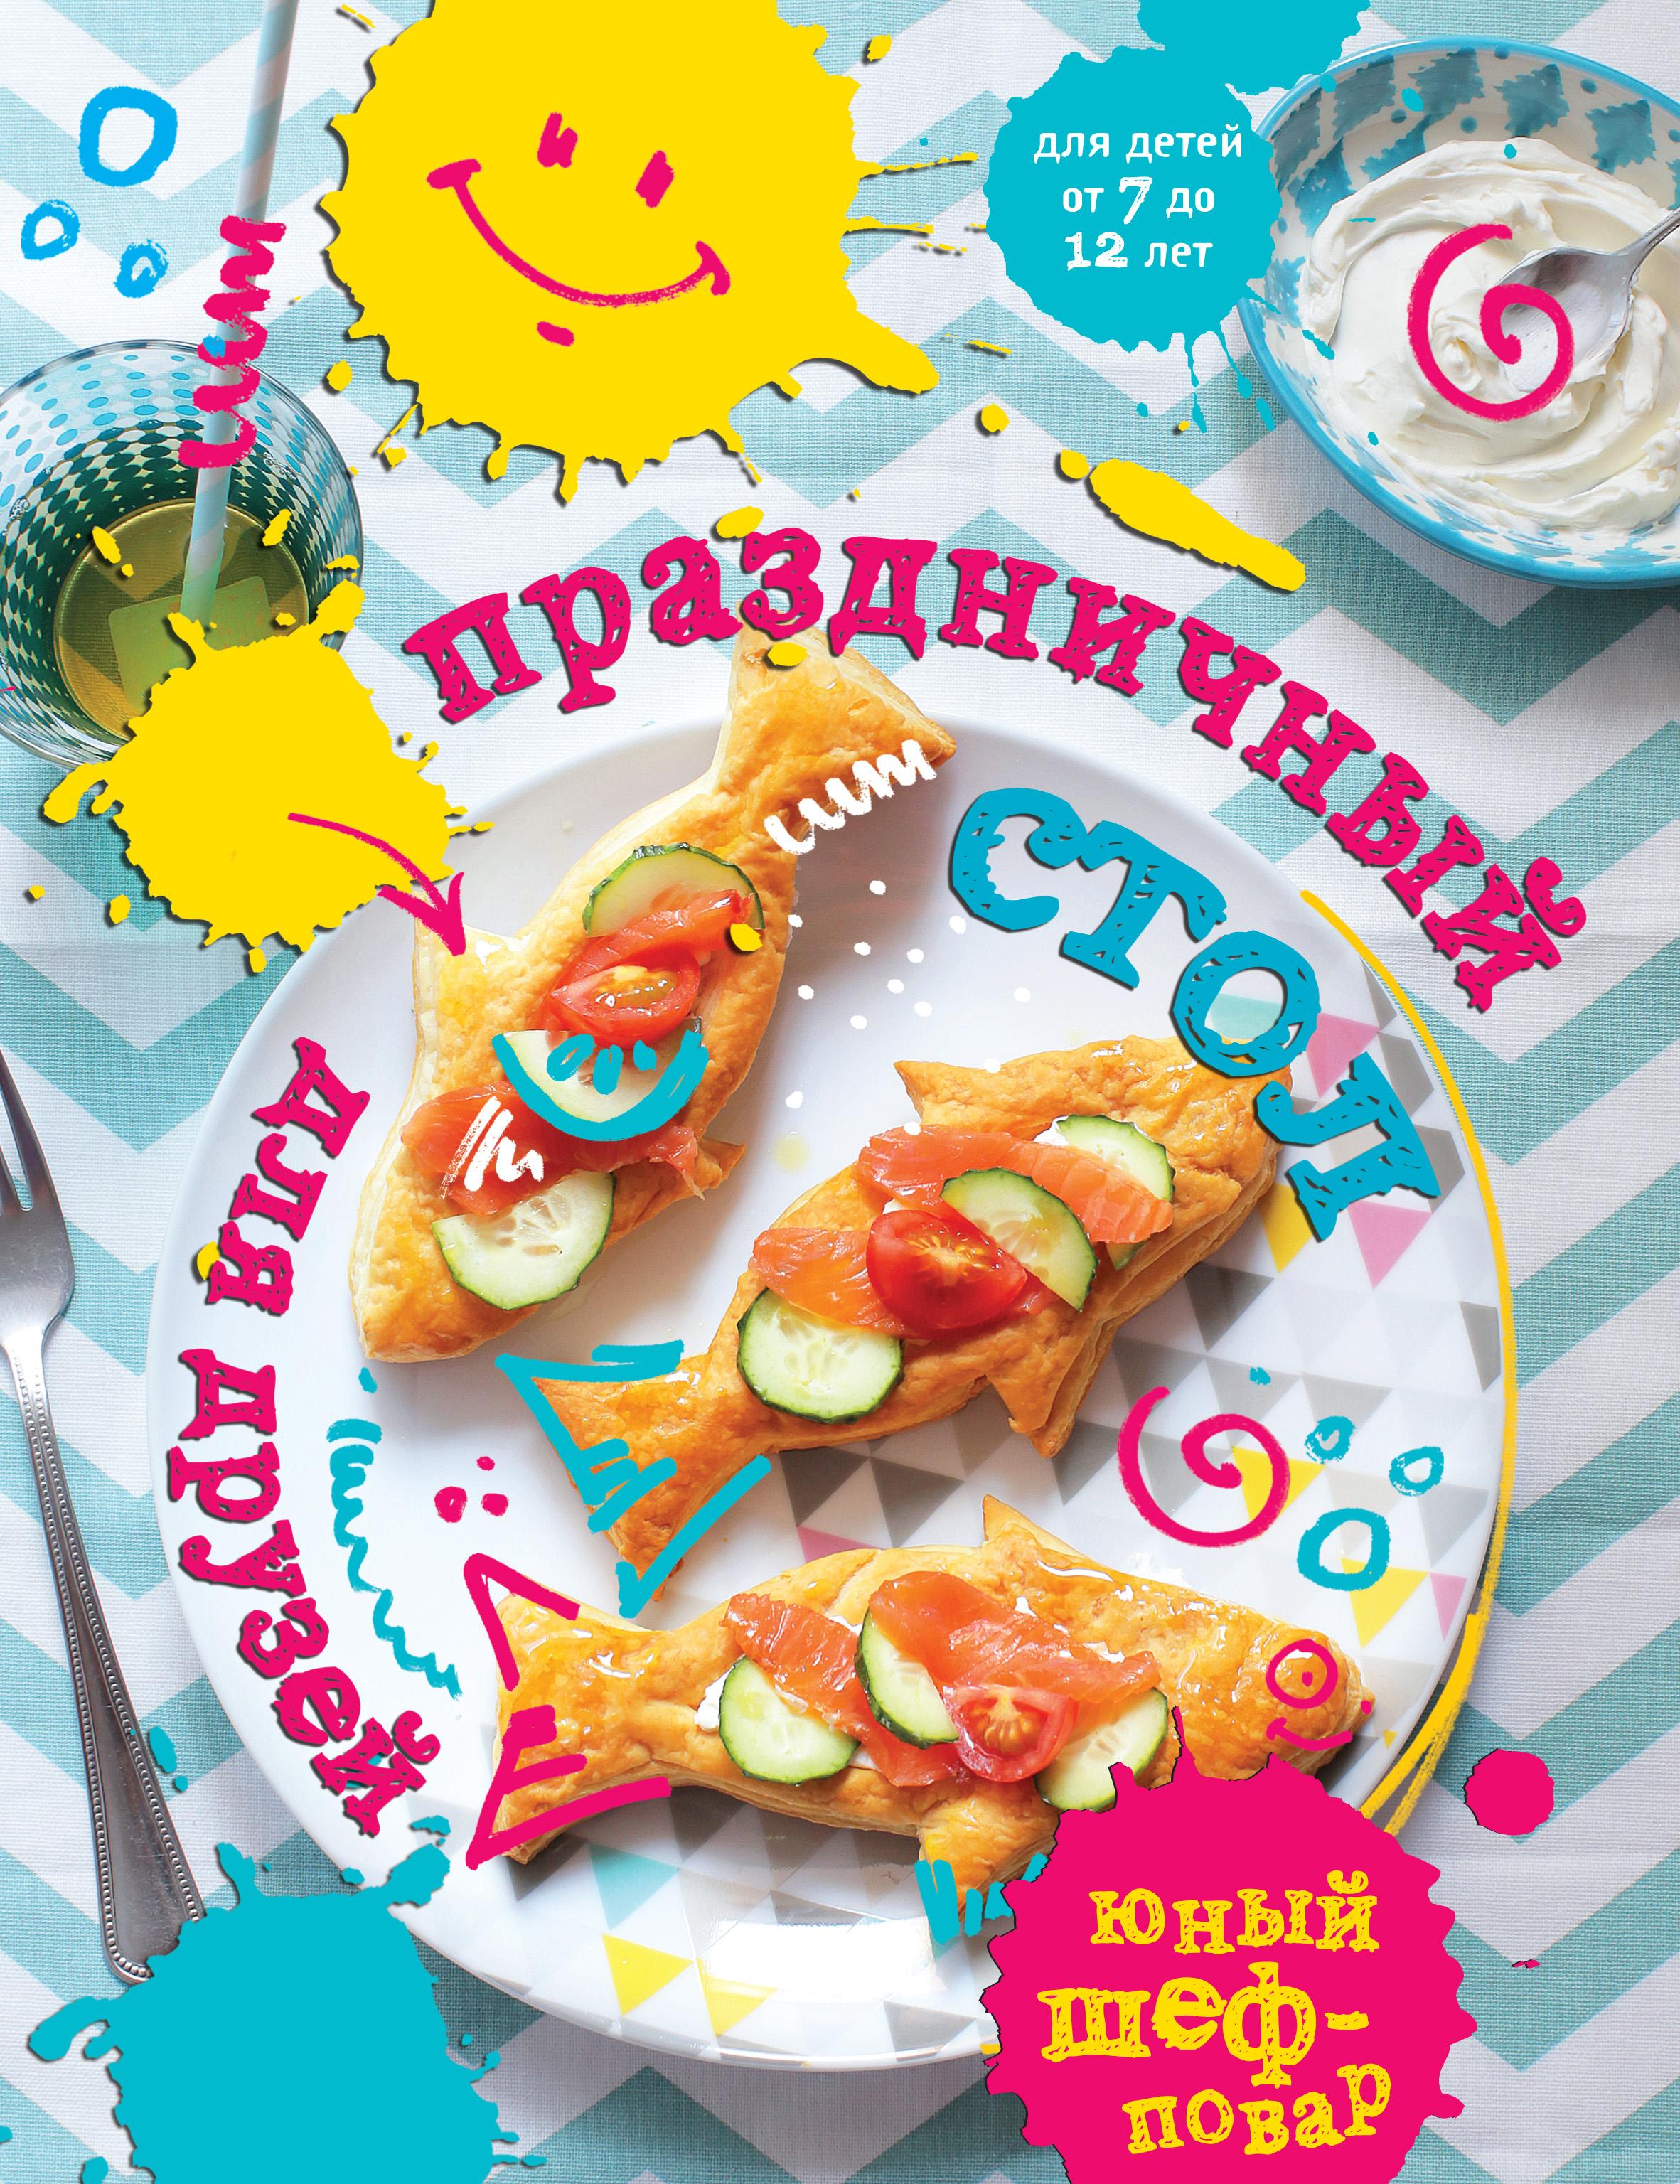 Ф. Григорчик Праздничный стол для друзей